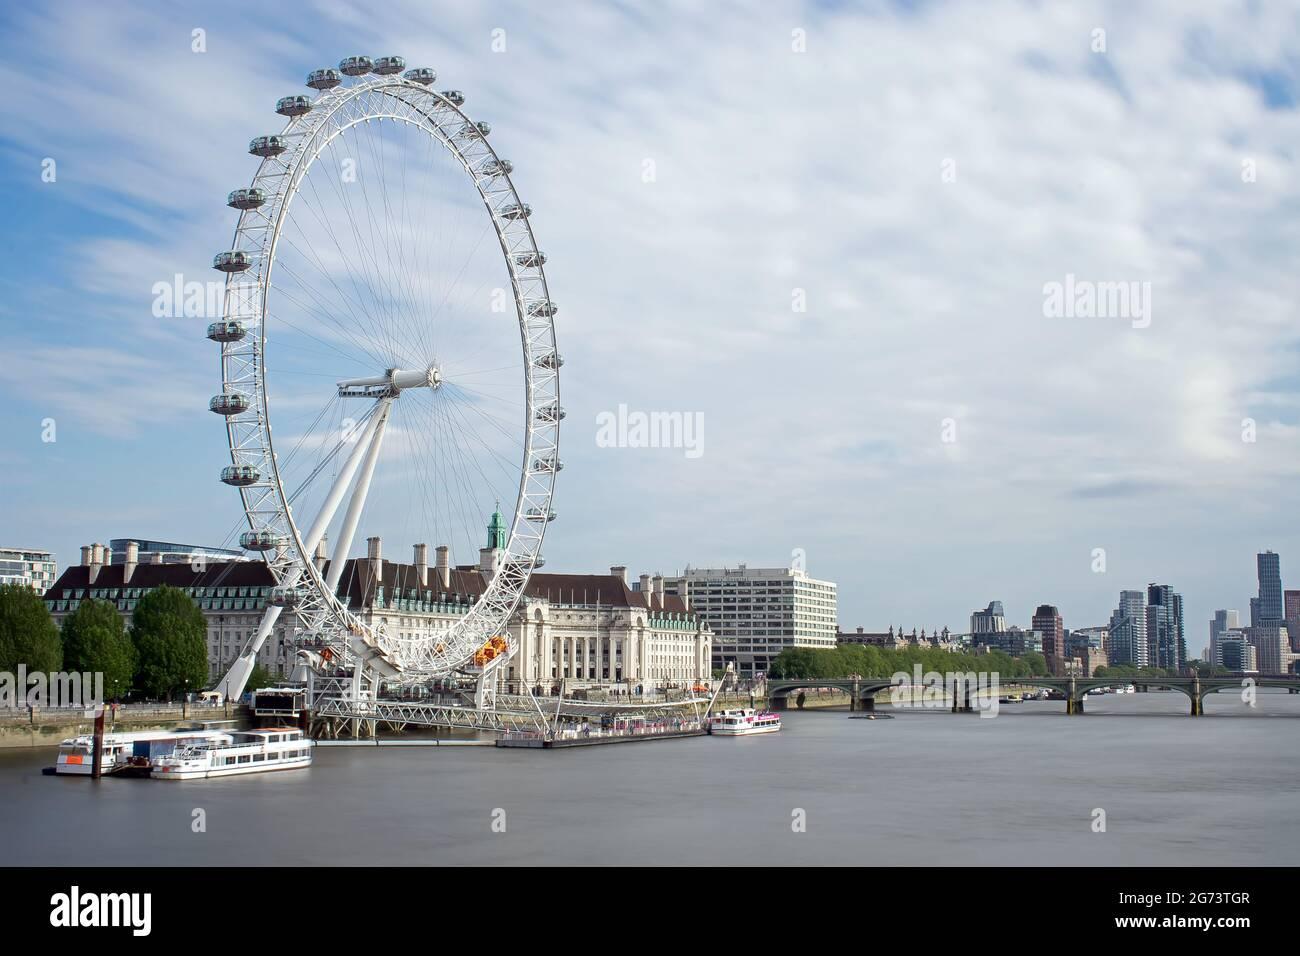 Le London Eye and County Hall dans le soleil de l'après-midi, vu du pont du Jubilé d'or. Le pont de Westminster traverse la Tamise, Londres, Royaume-Uni Banque D'Images